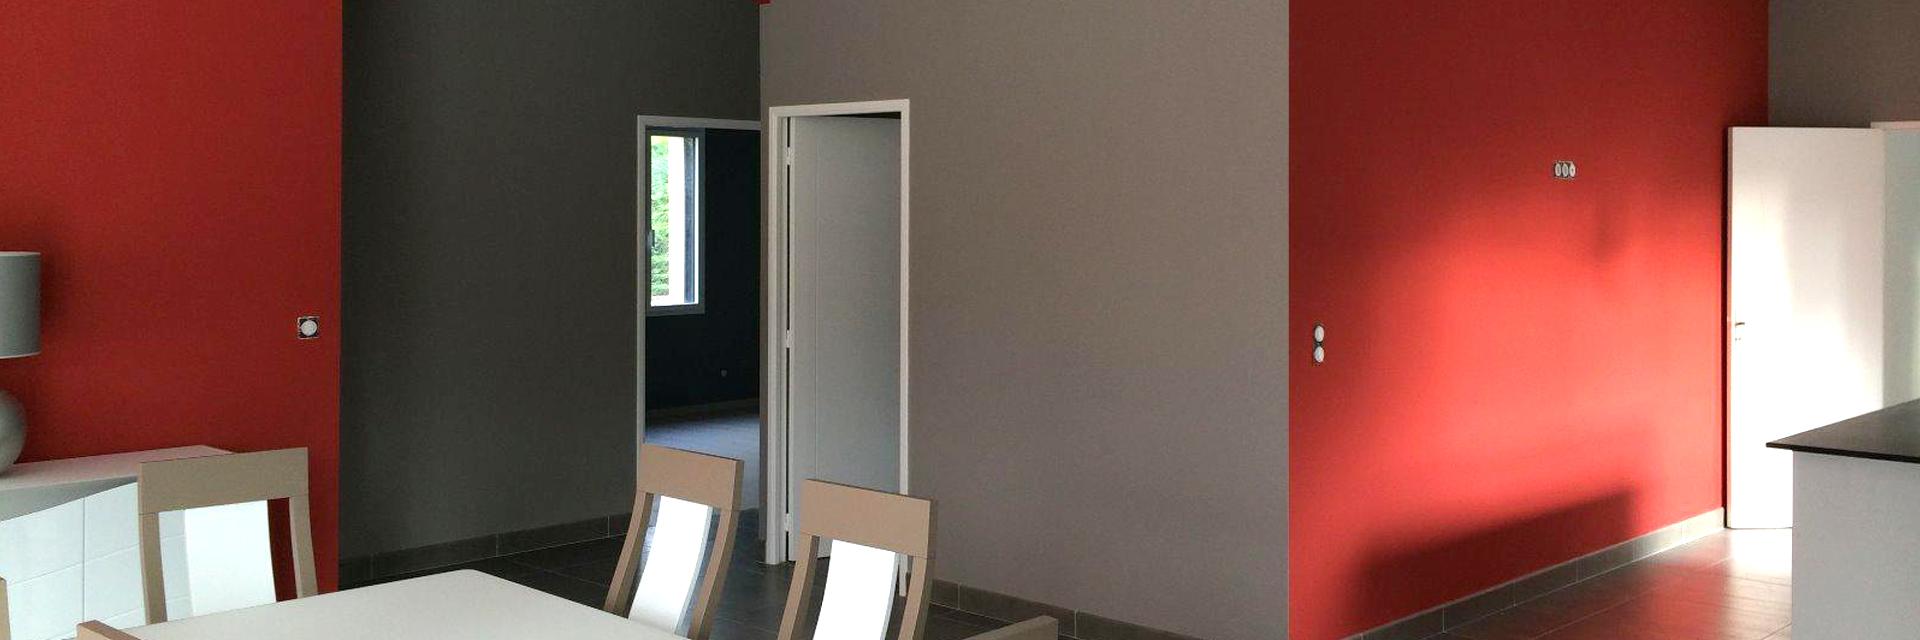 Accueil Akpro Platrerie Peinture à Montbrison